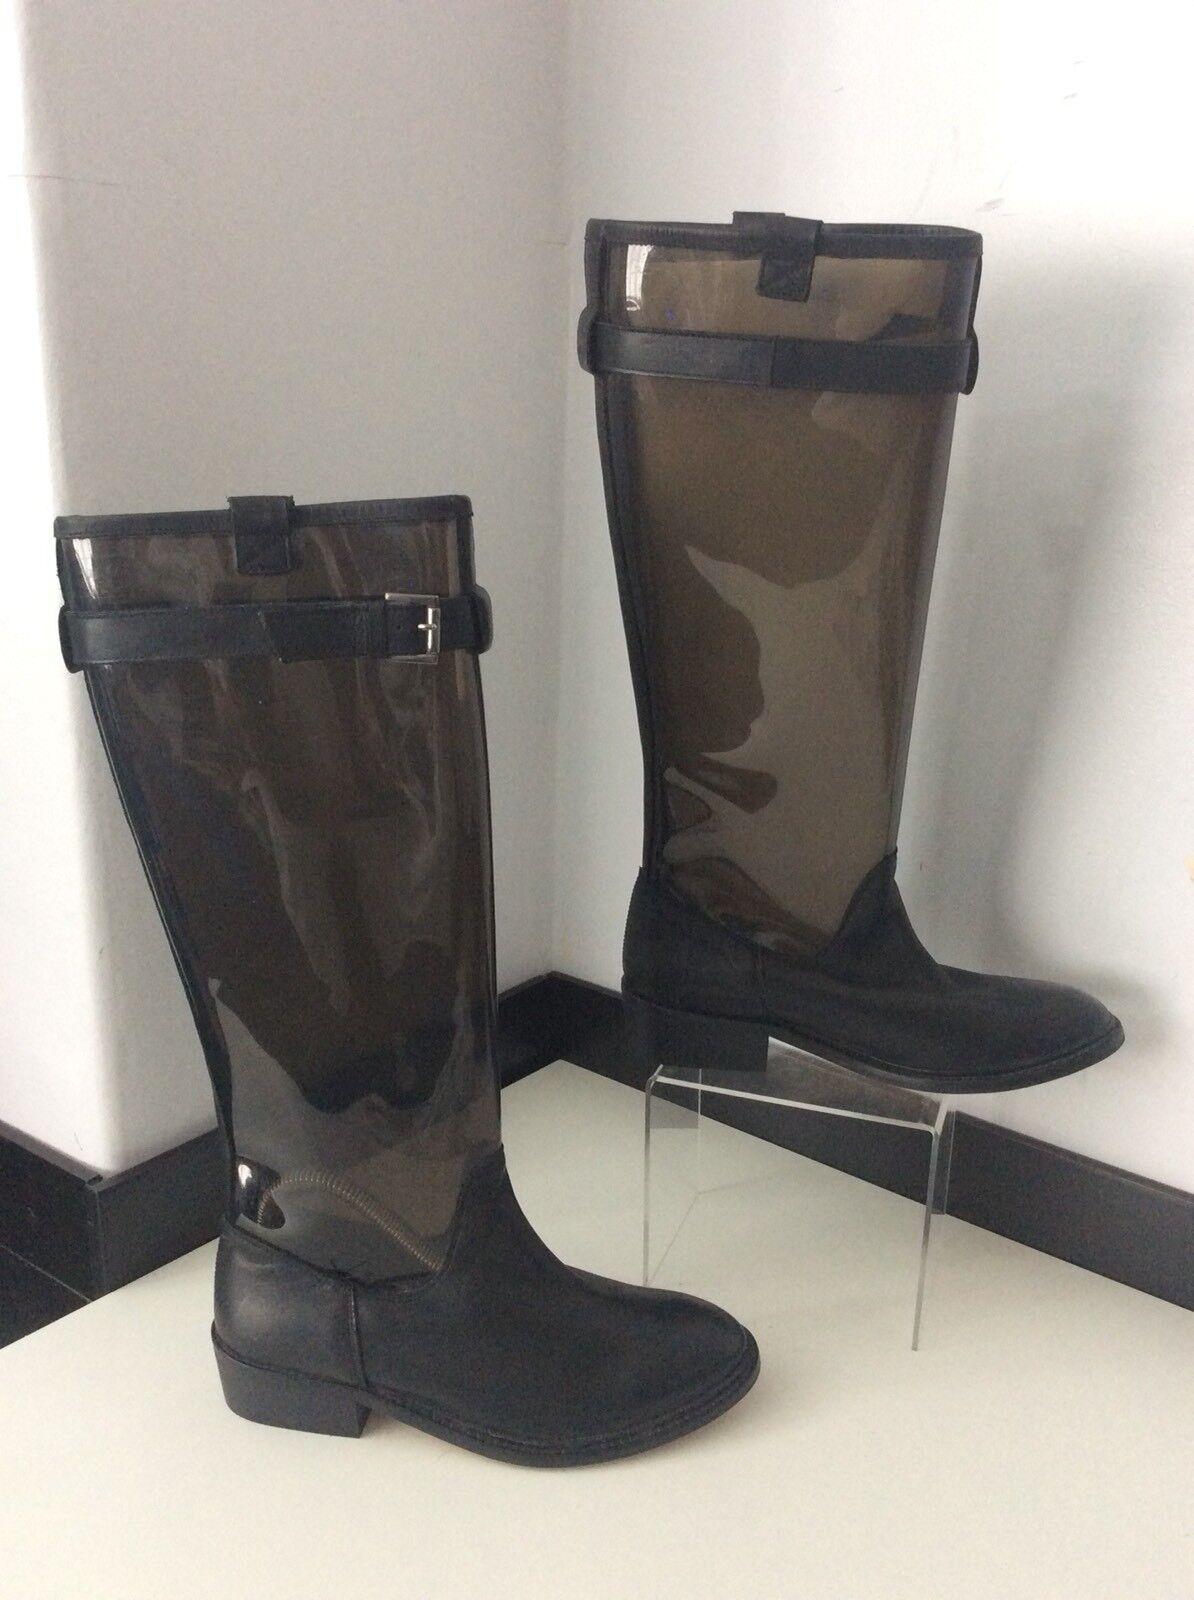 Topshop Duque Nuevo Negro Wellies Cuero 38 38 38 Reino Unido 5 BNWOB   de la rodilla botas altas  marca en liquidación de venta